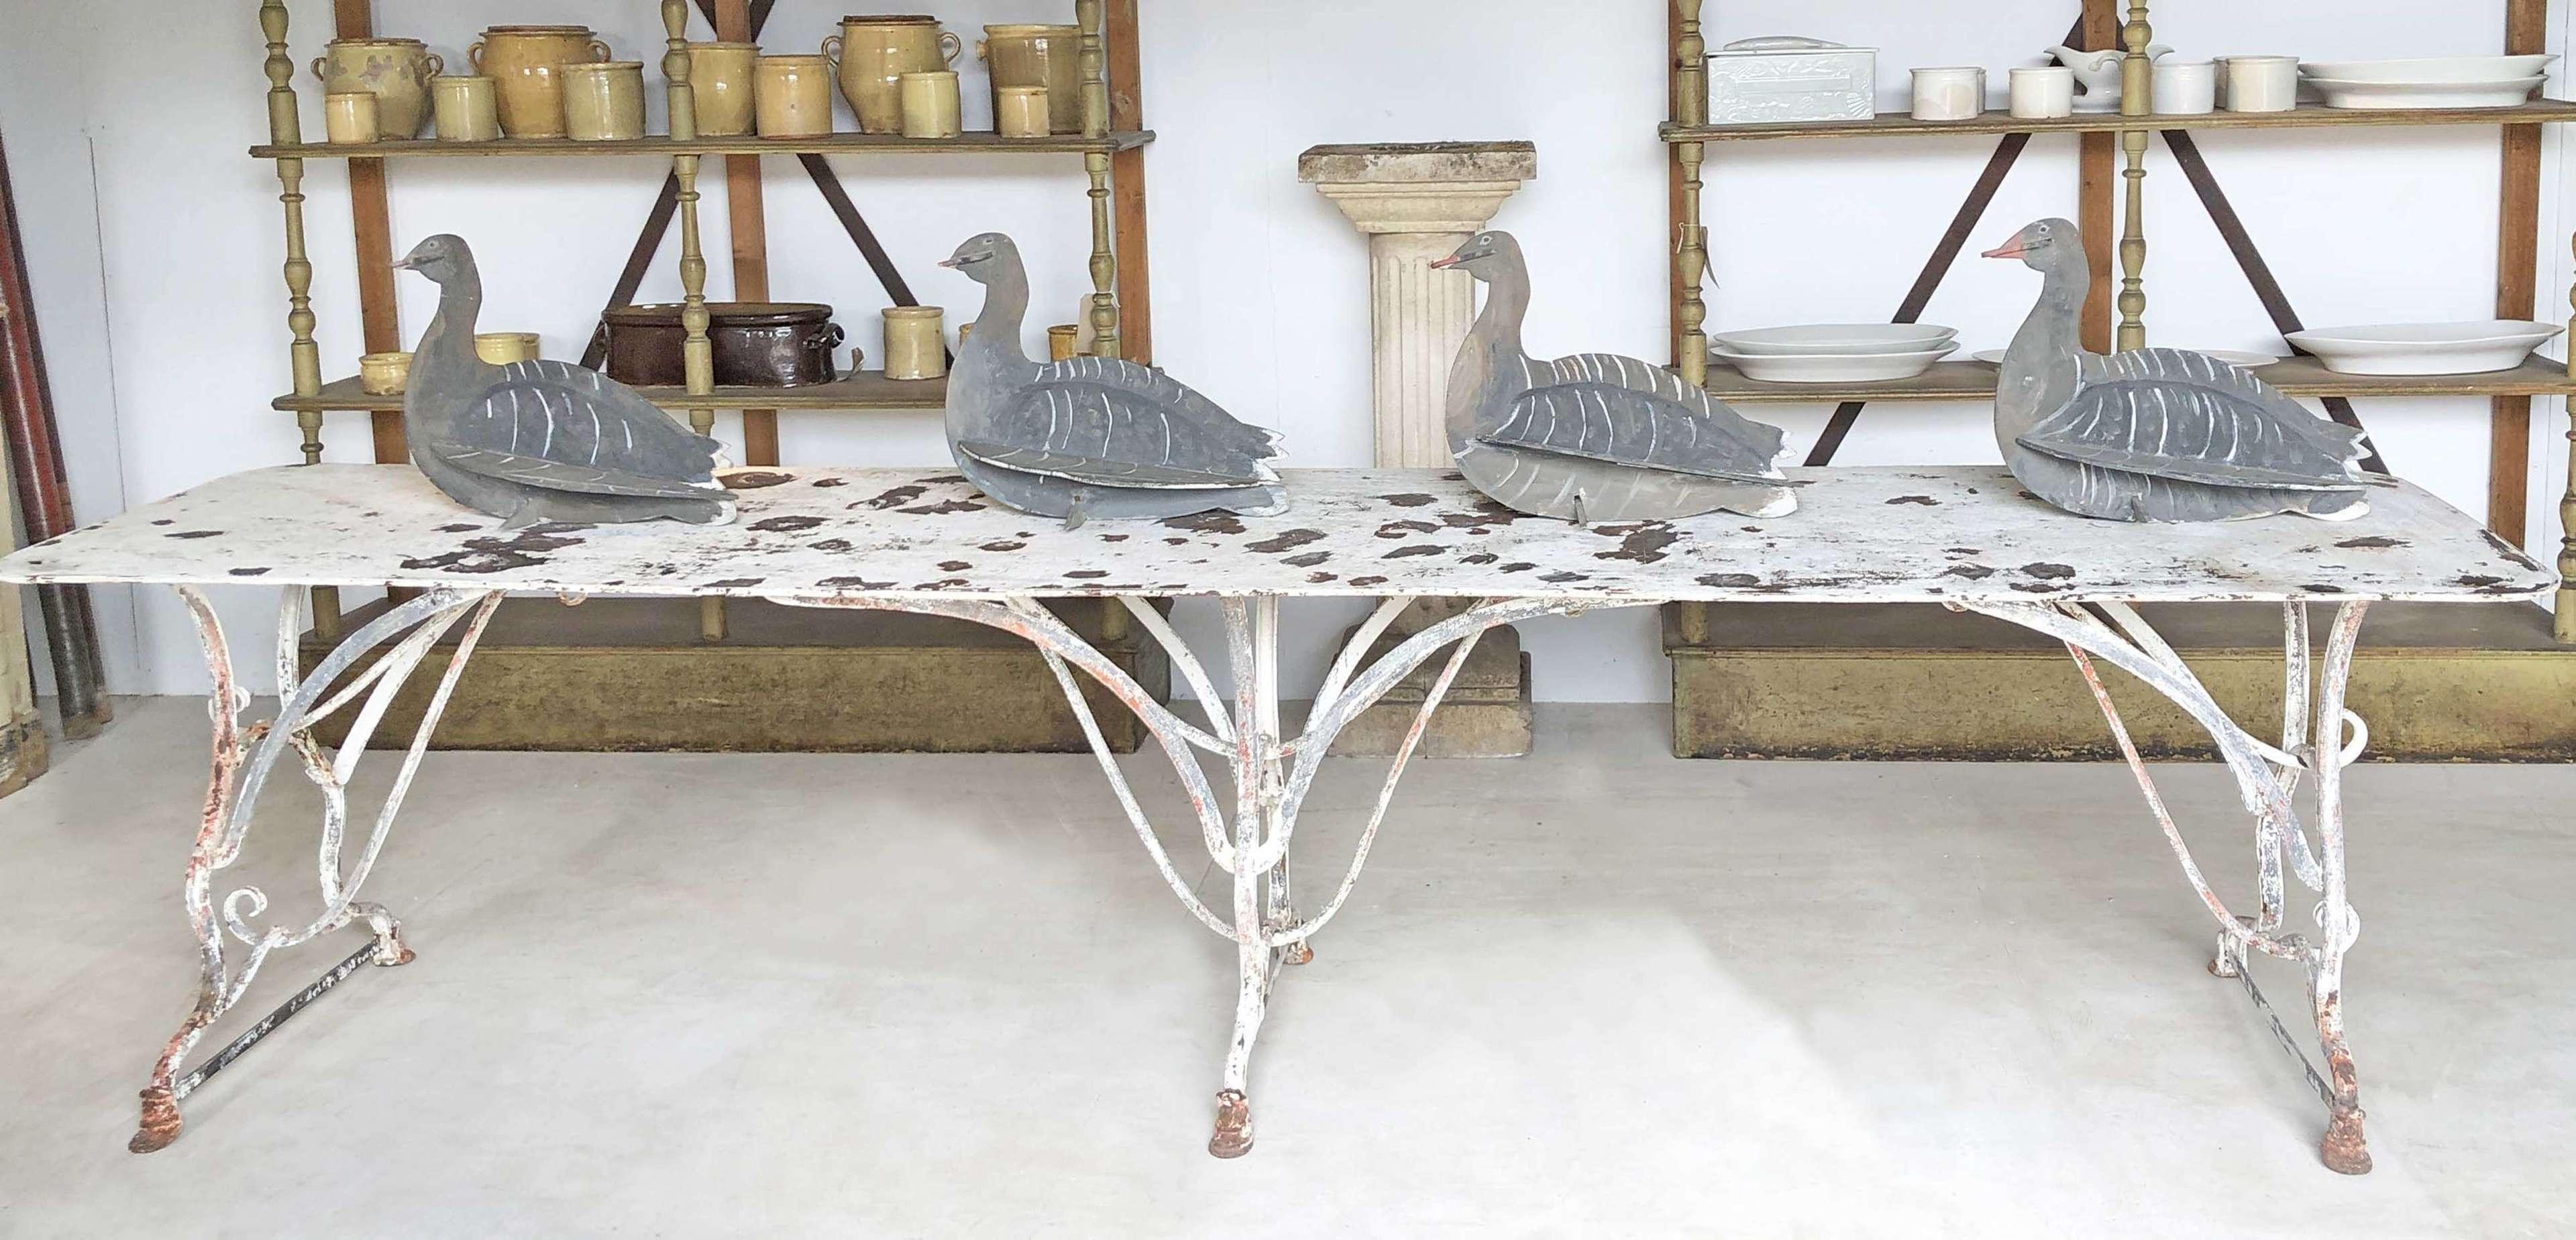 Long 19th century Iron Table from Arras - Circa 1890